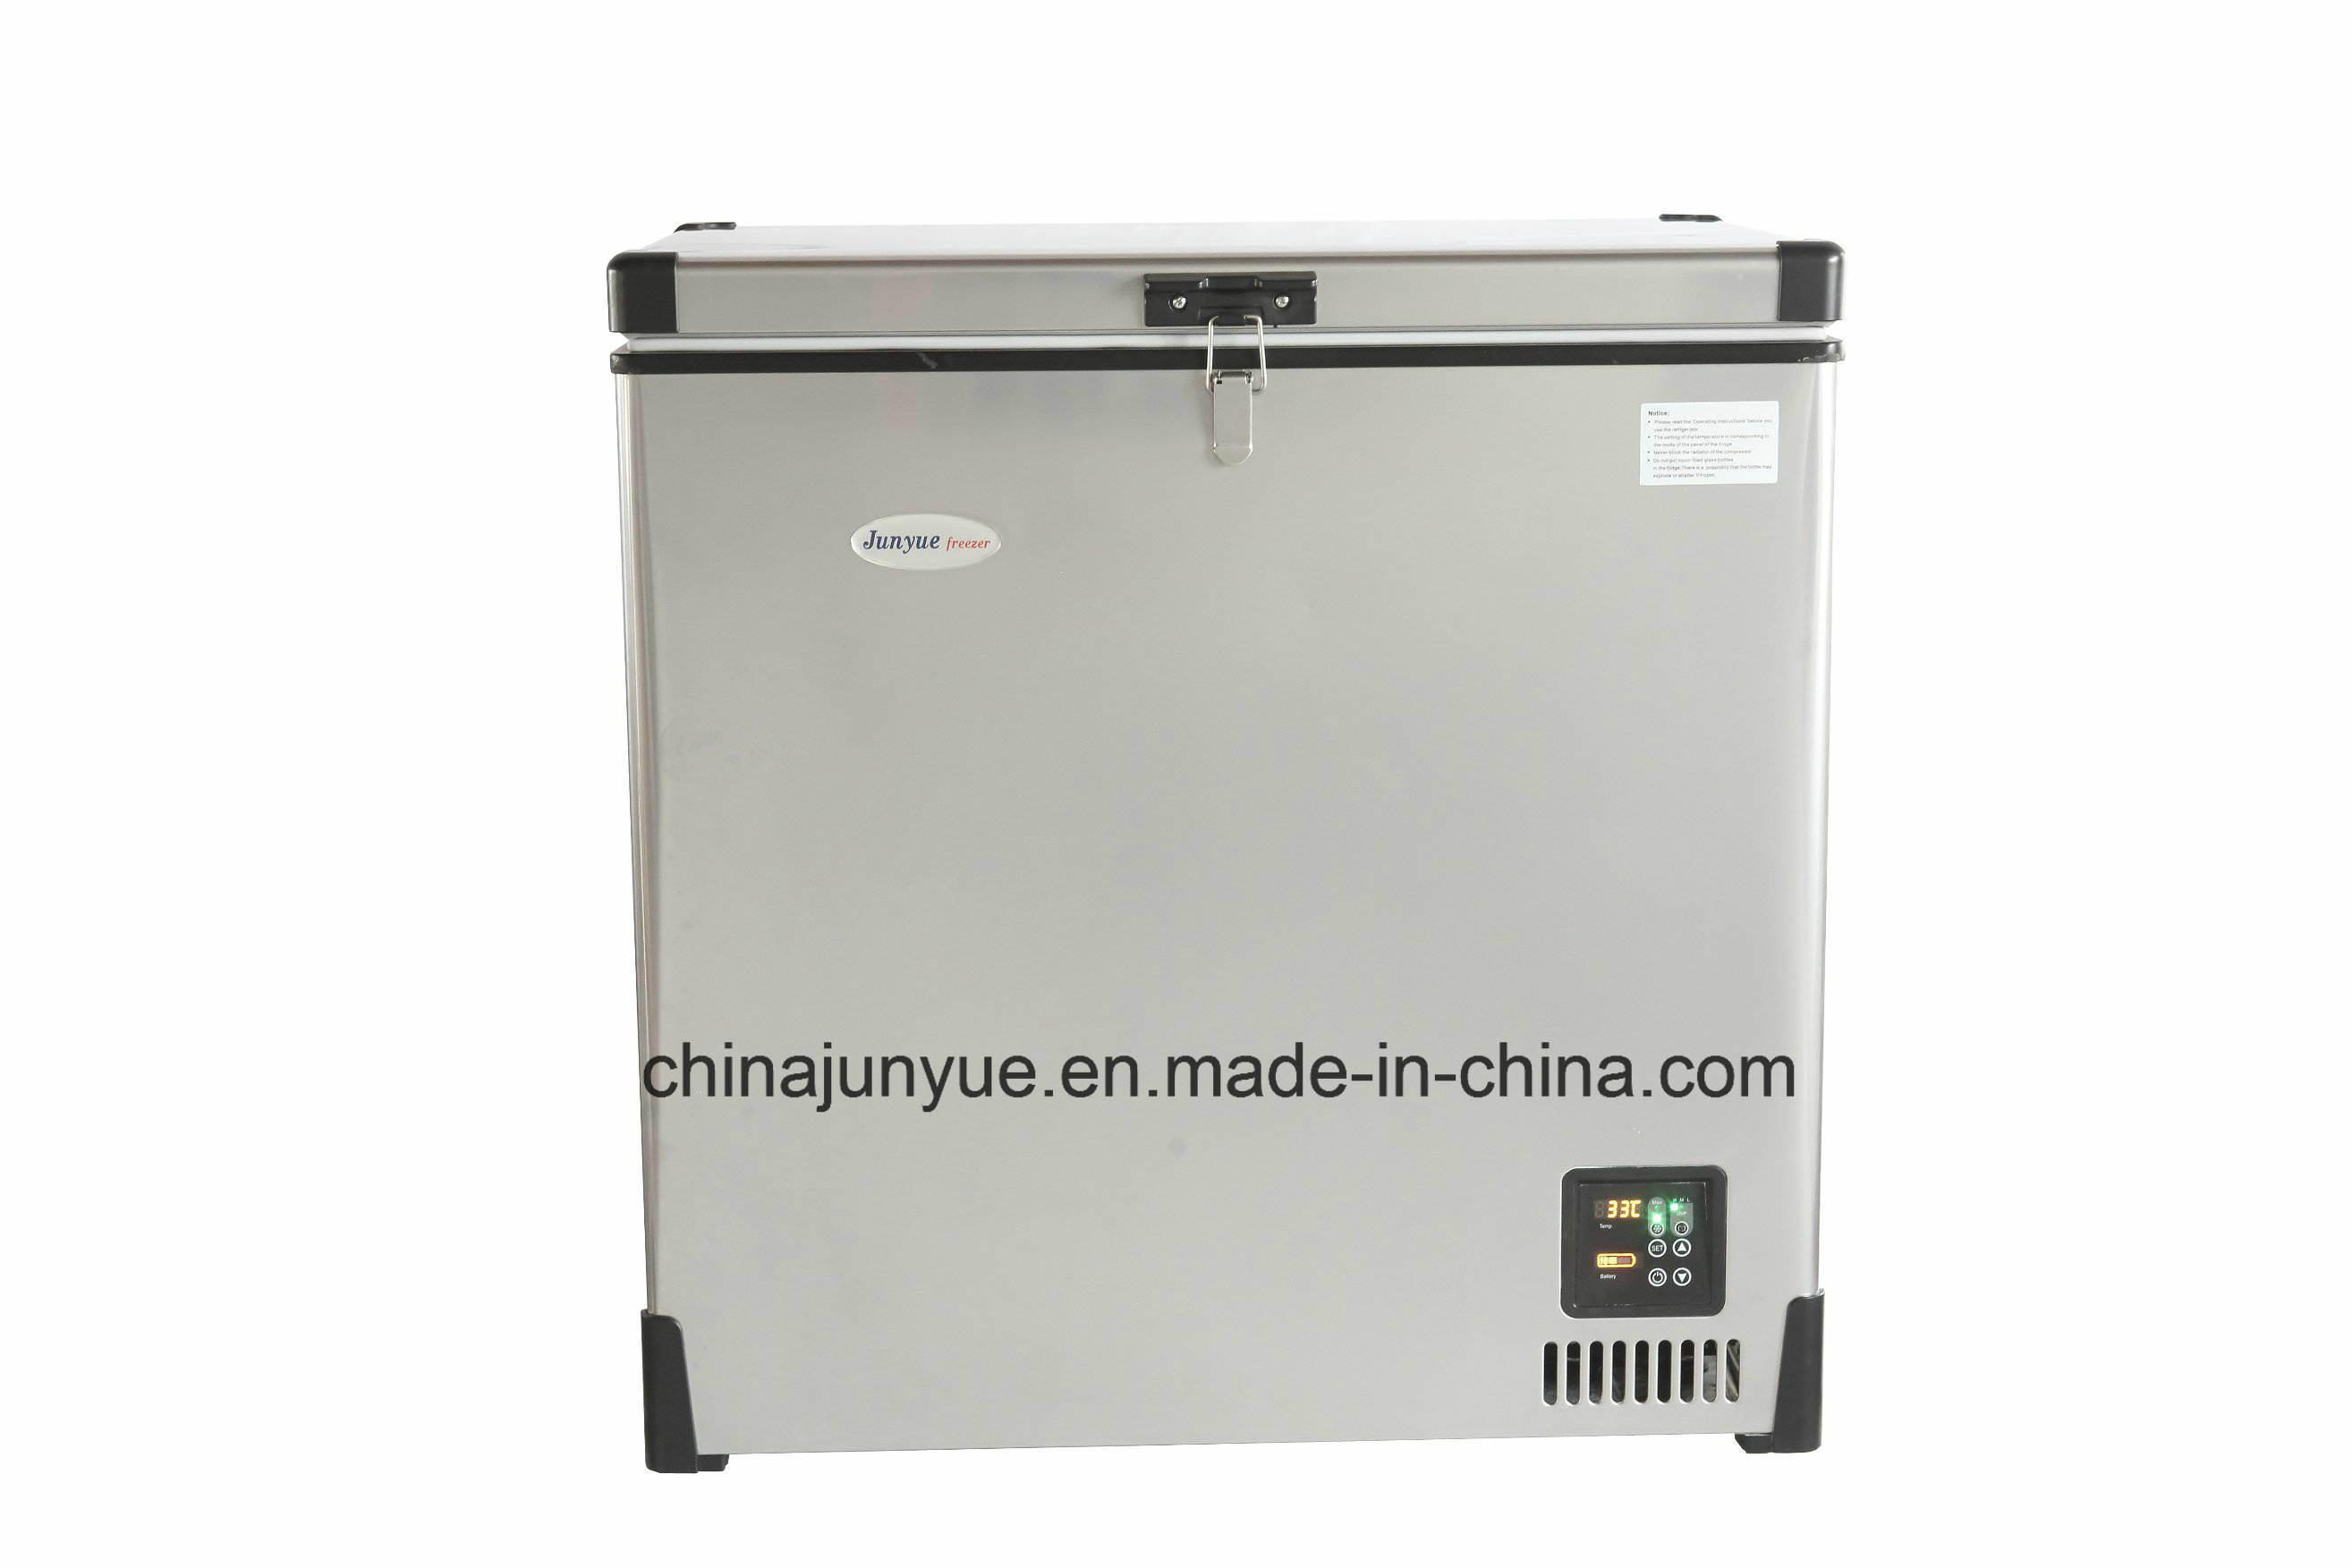 12V 24V Mobile Stainless Steel Chest Refrigerator Mobile Solar Freezer Camping Fridge Portable Fridge Bd/Bc-138L